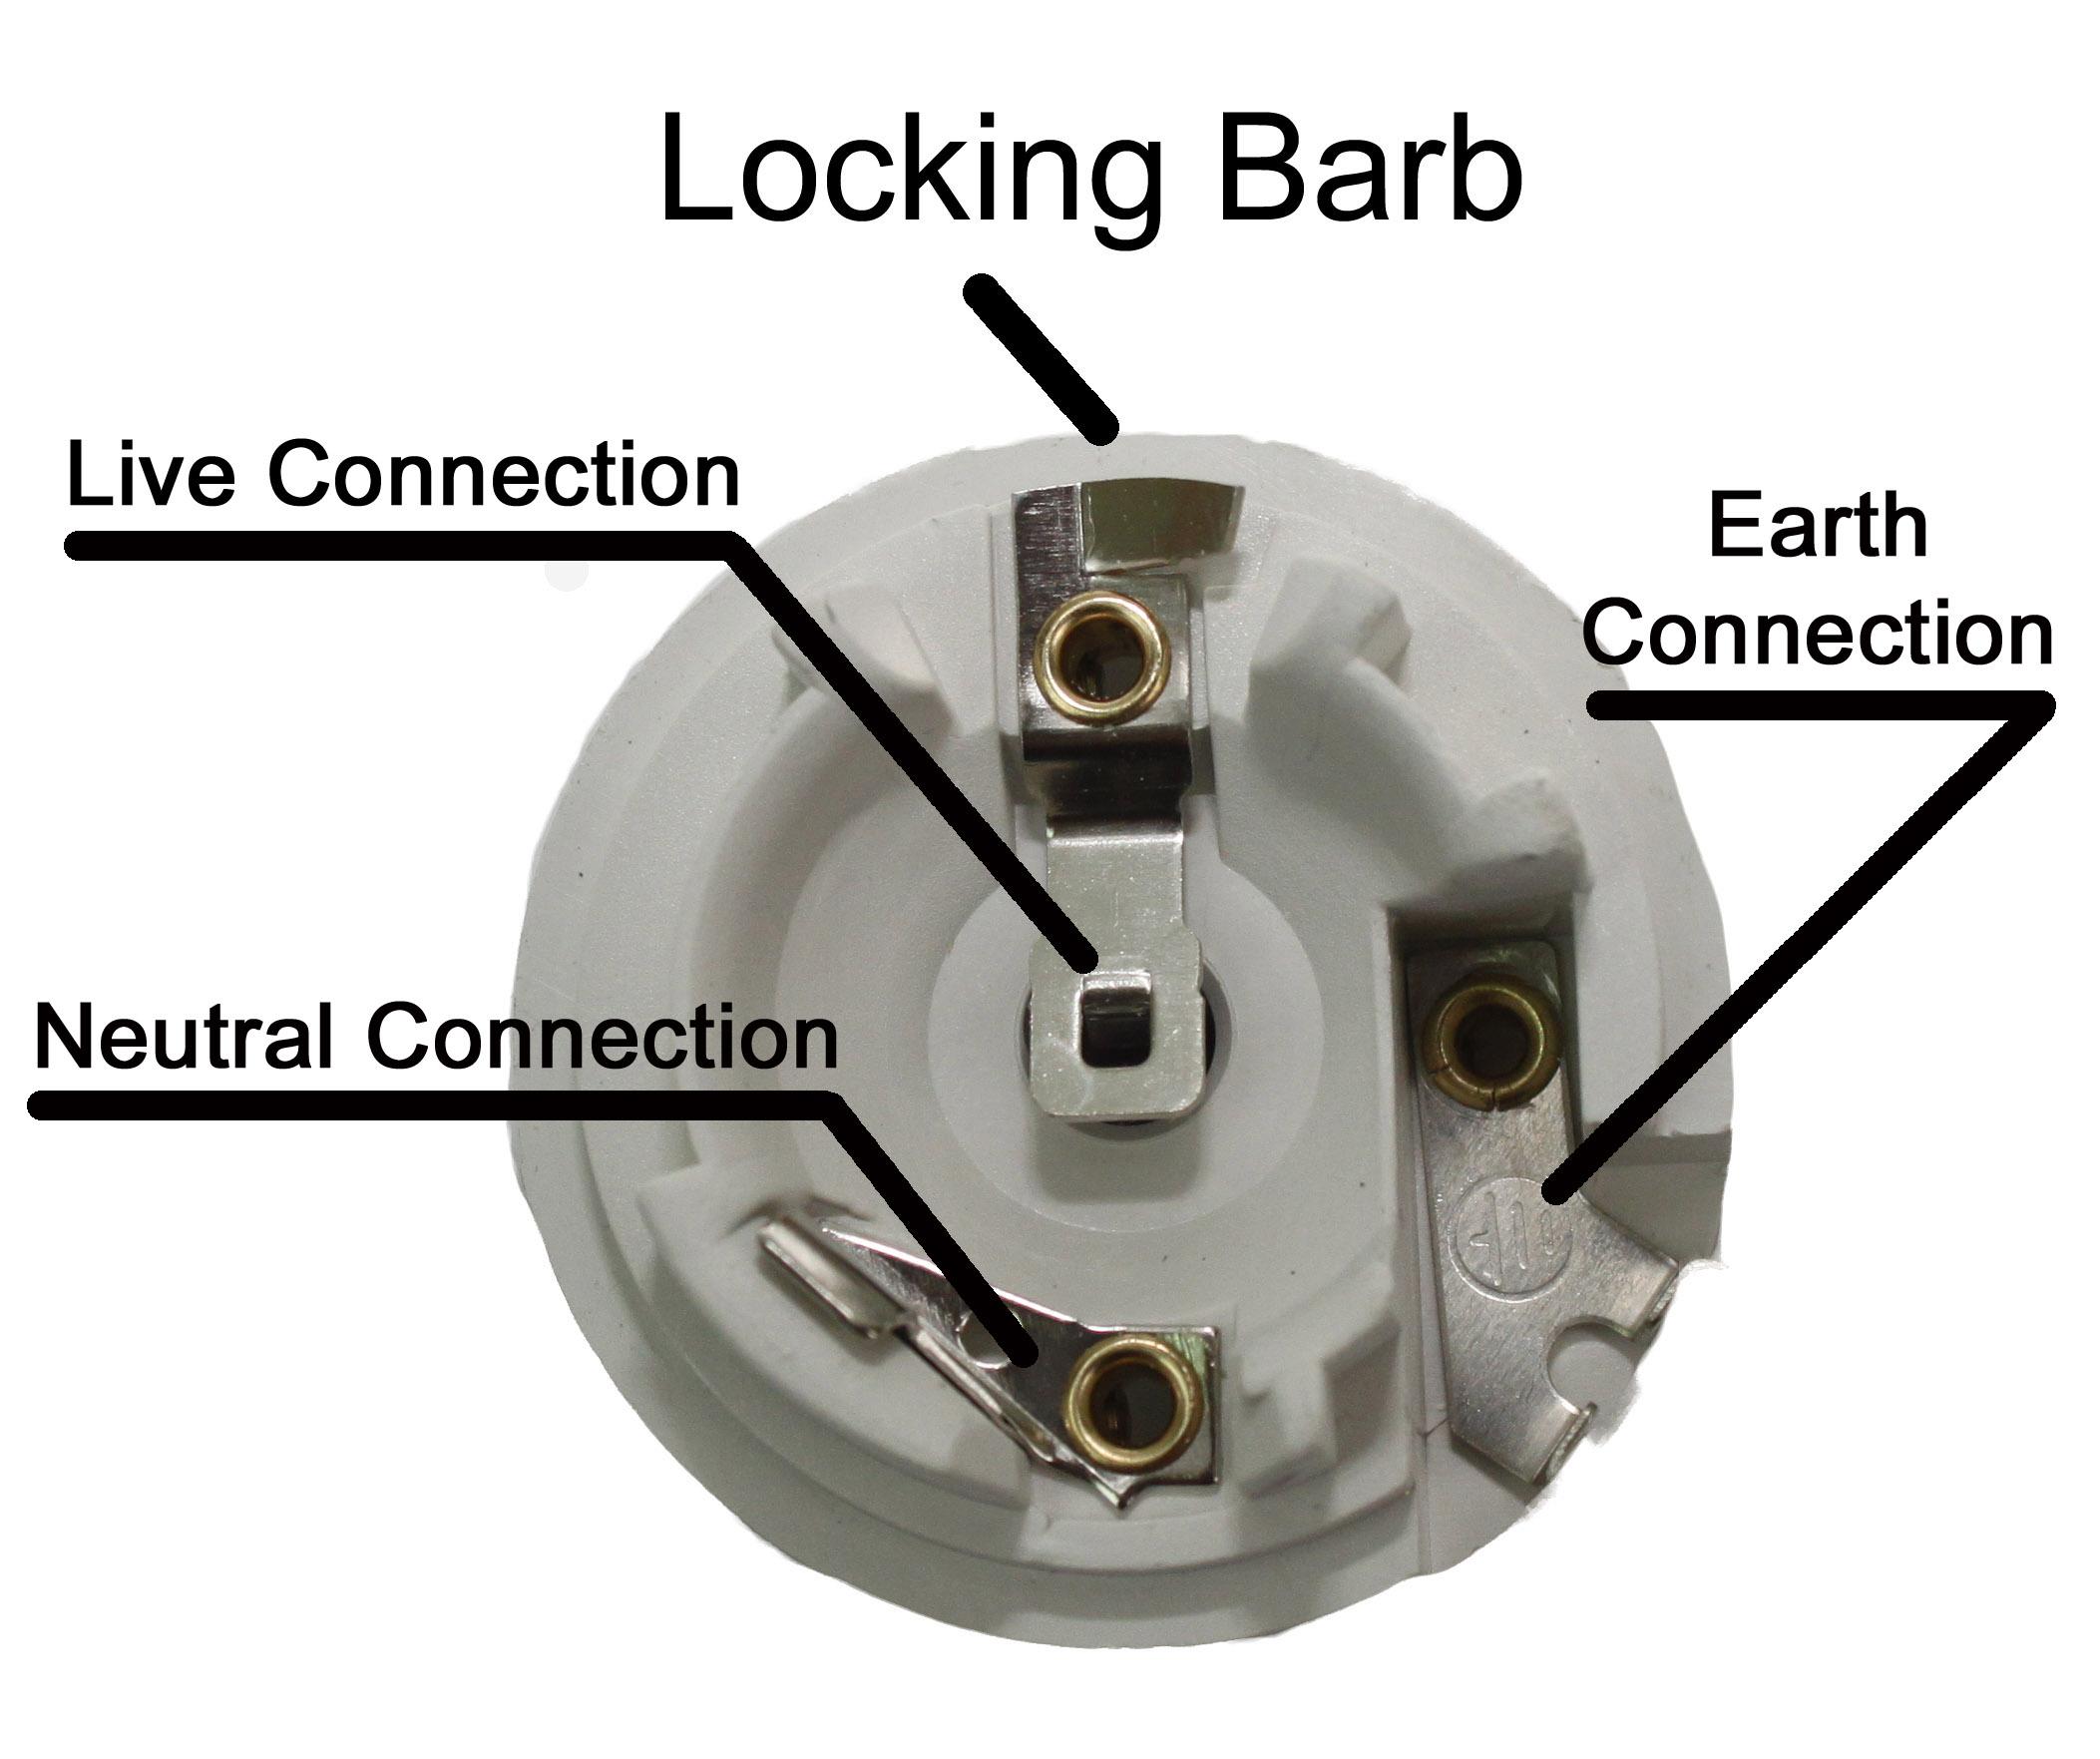 wiring diagram lamp switch wiring image wiring diagram lamp socket wiring diagram lamp auto wiring diagram schematic on wiring diagram lamp switch